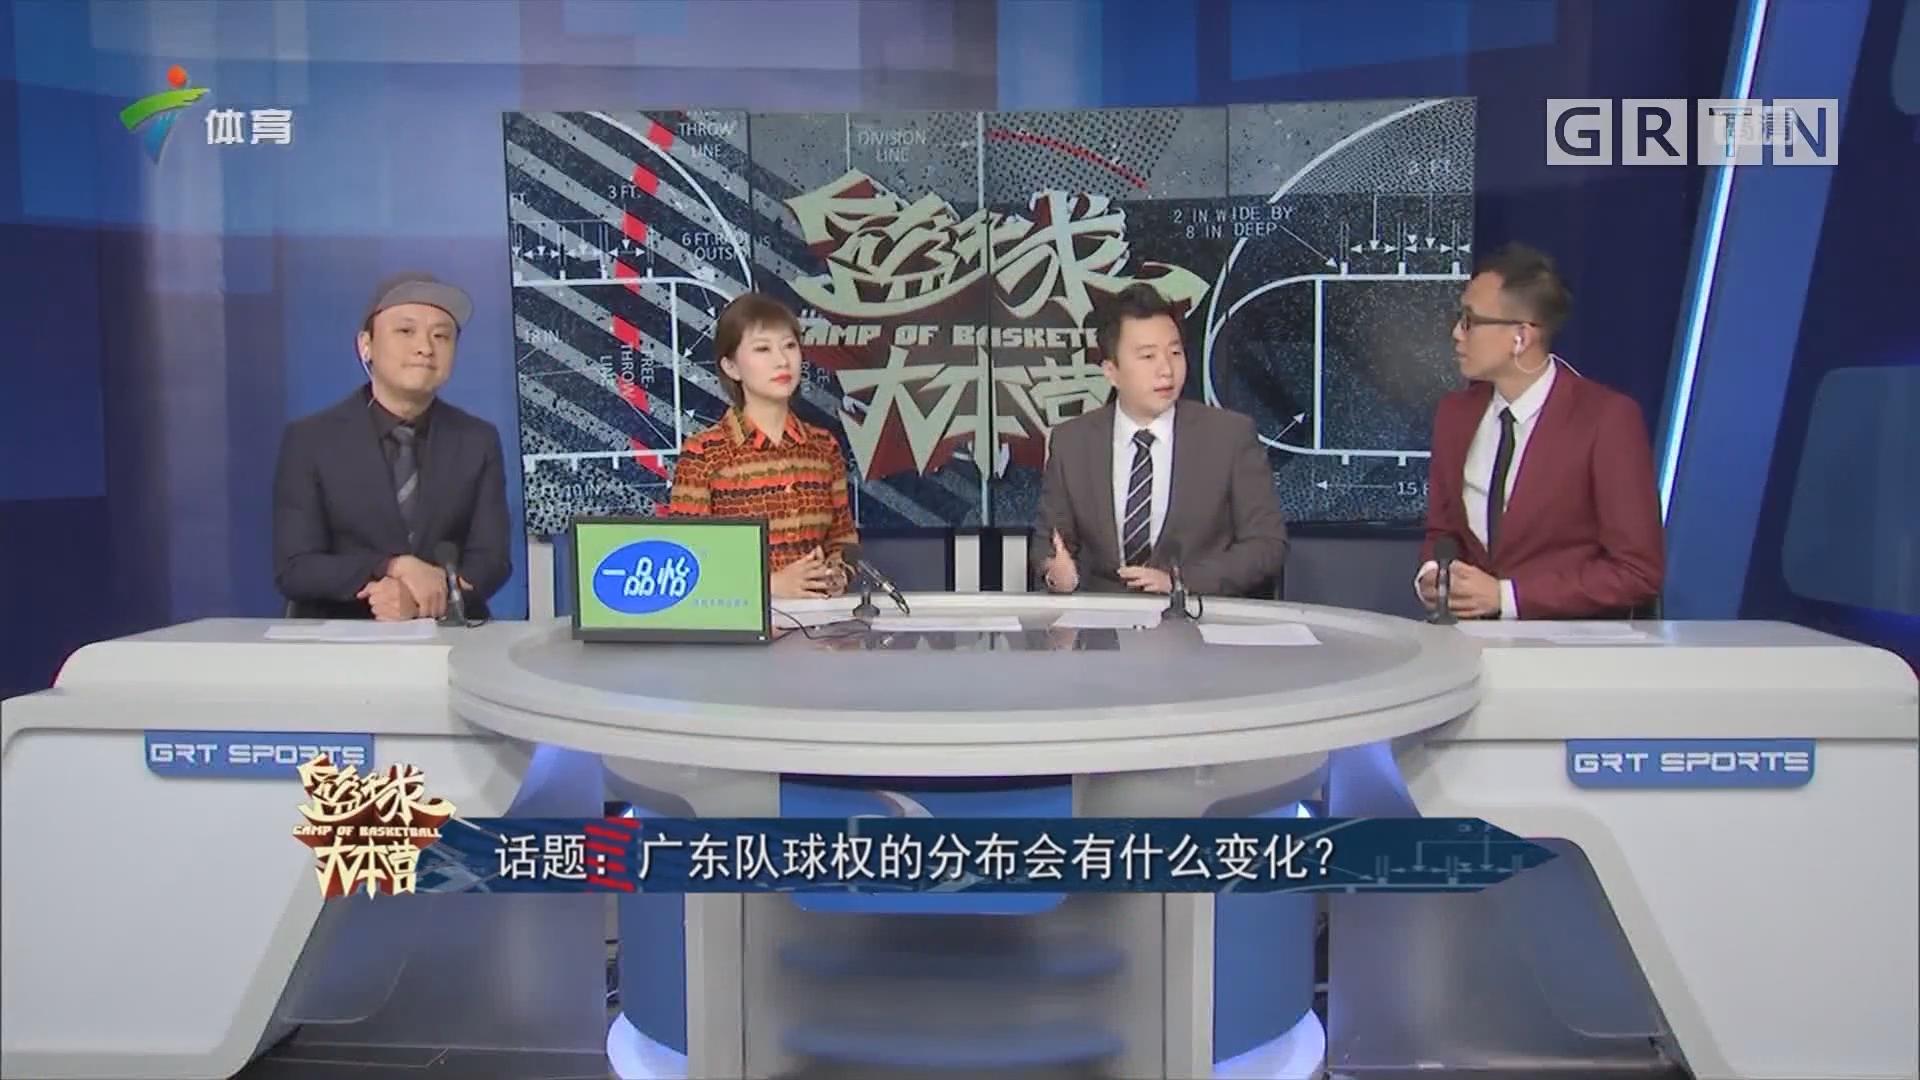 话题:广东队球权的分布会有什么变化?